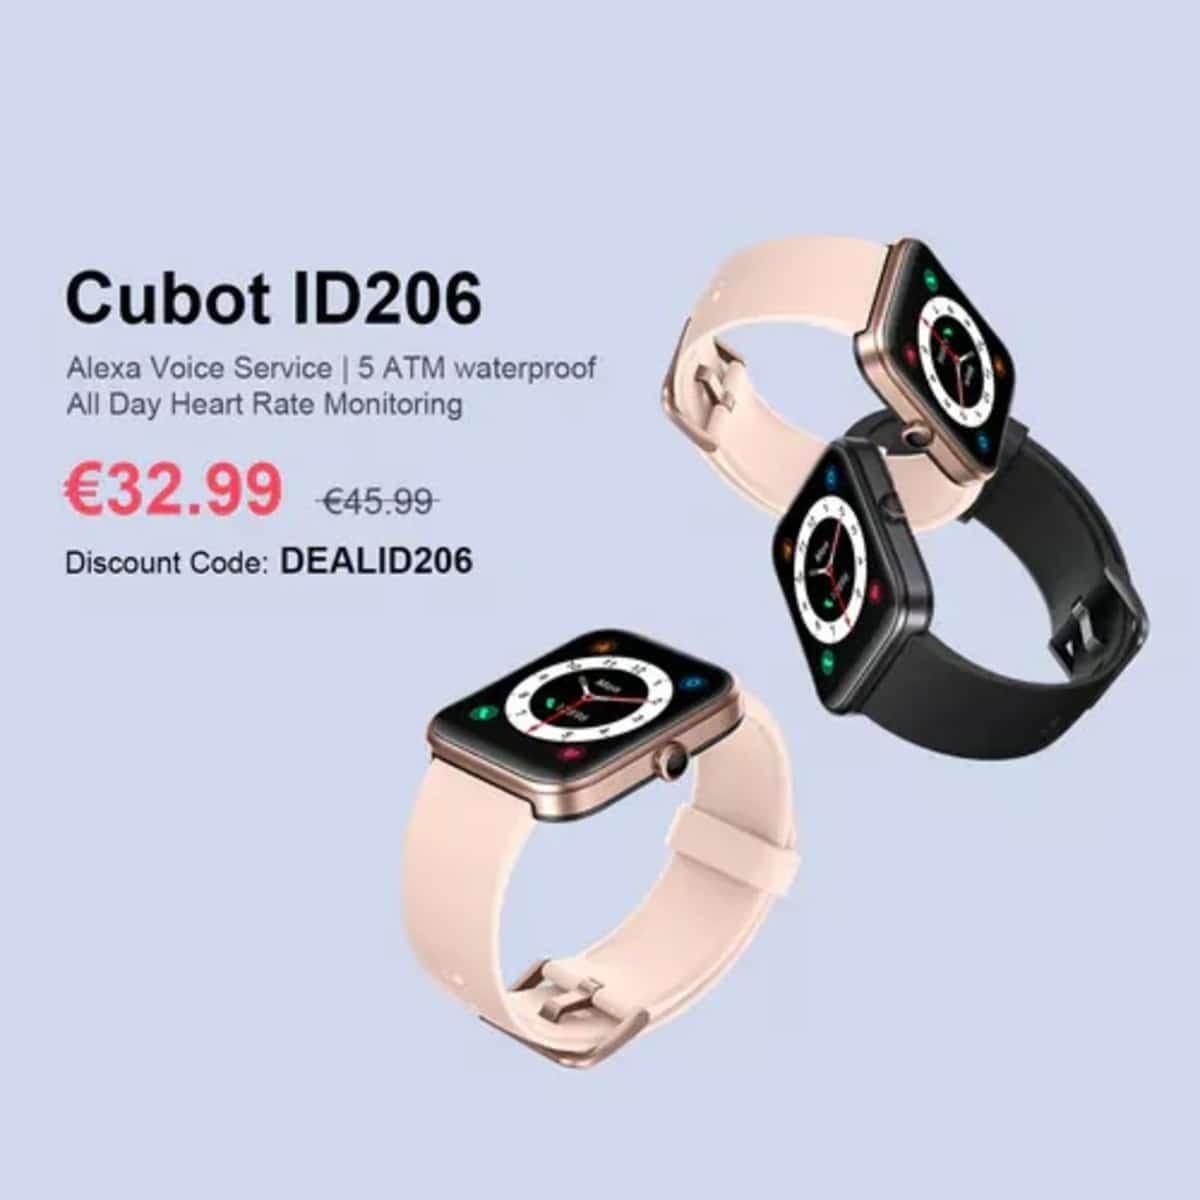 Cubotid206